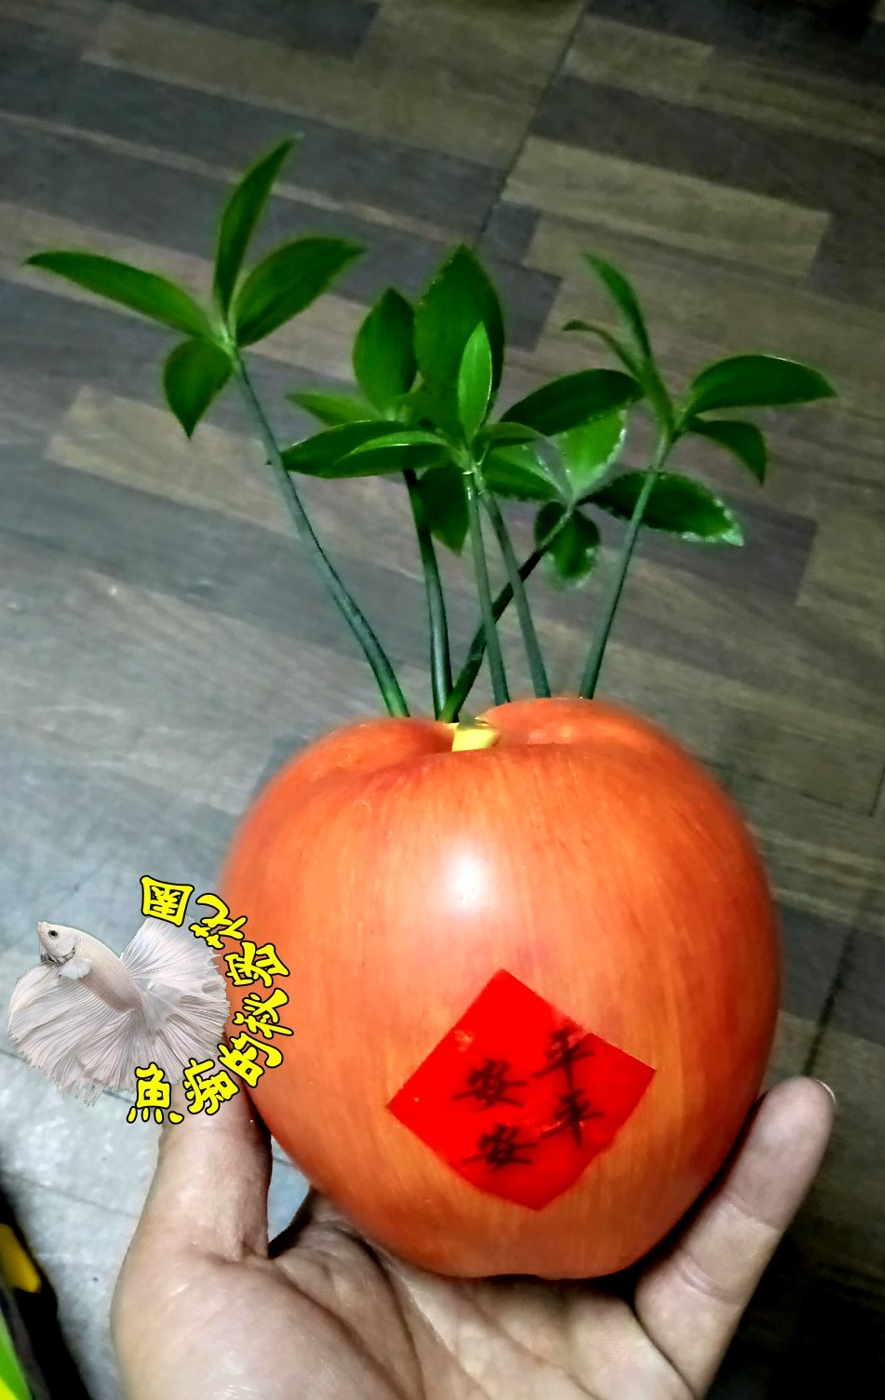 蘋蘋安安蘋果造型竹柏盆栽活體植物送禮組合盆栽